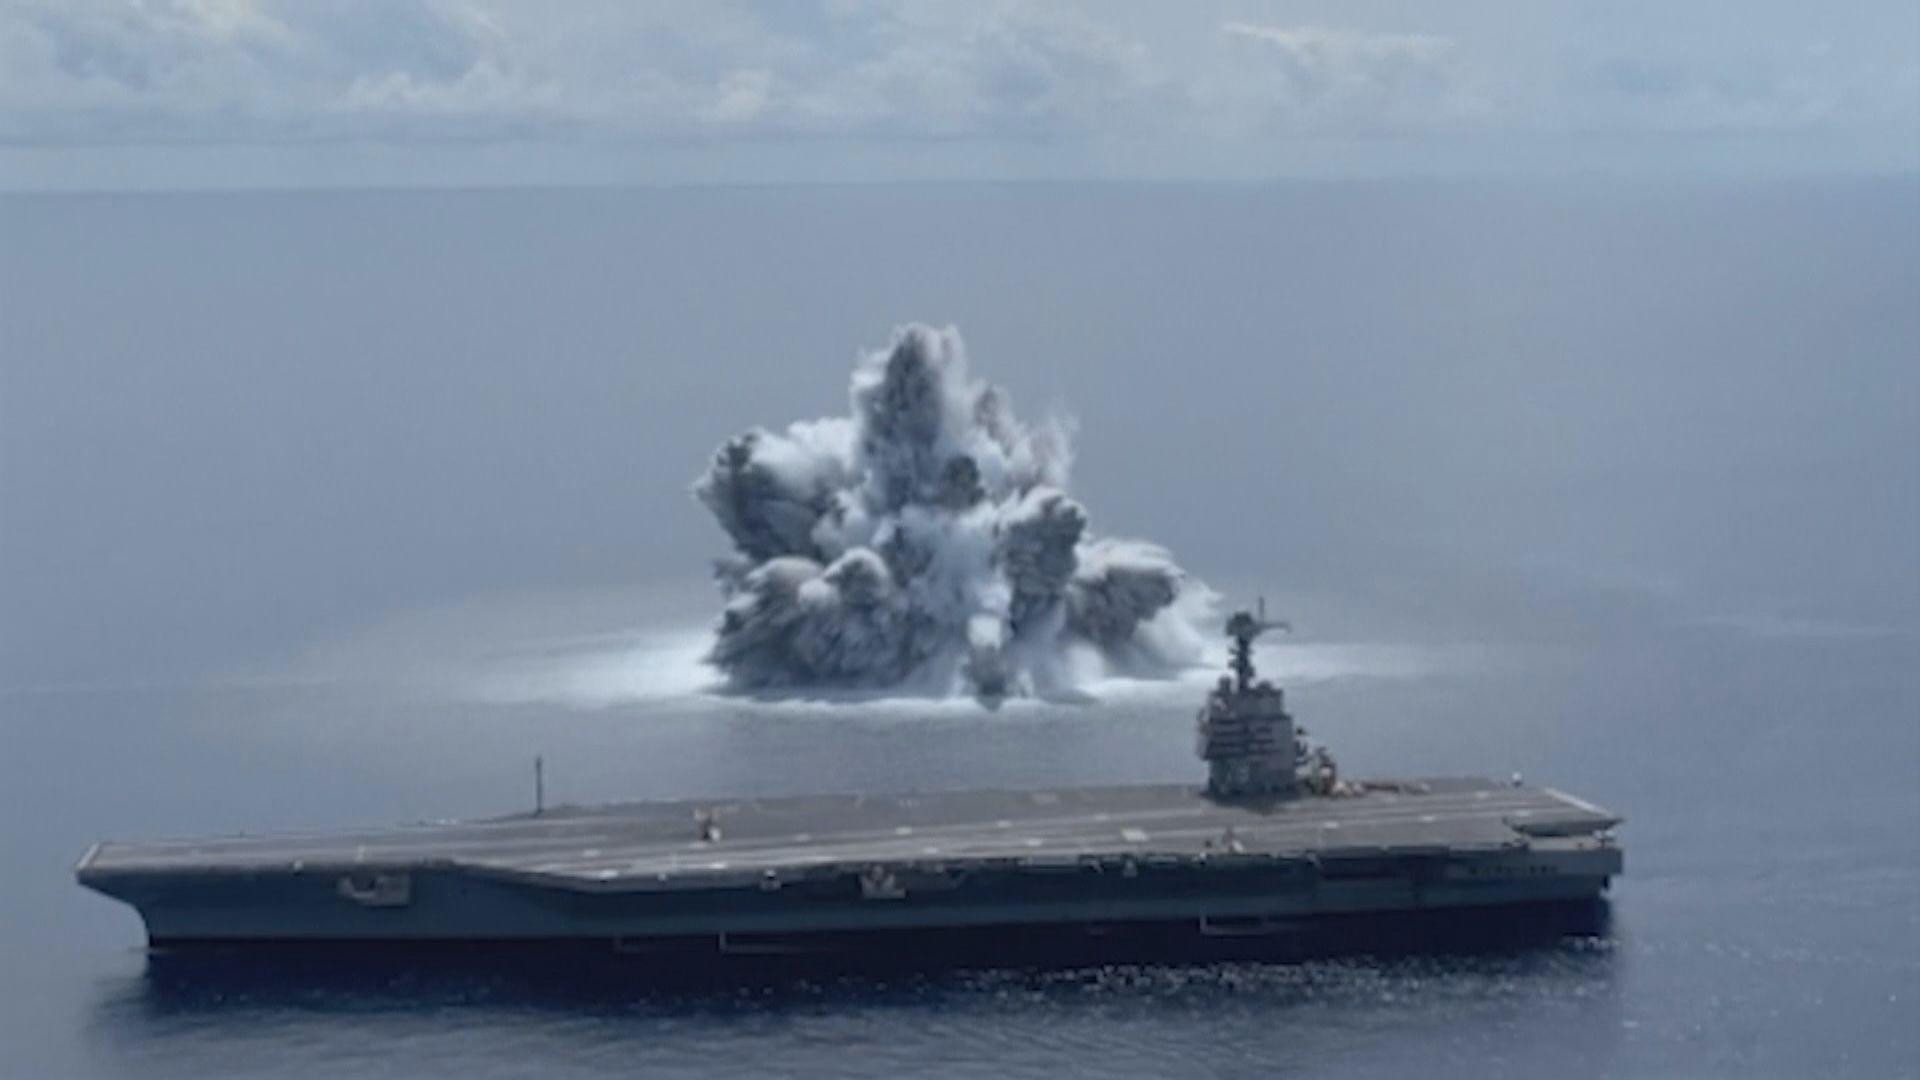 美航母福特號全艦衝擊試驗 於附近引爆18公噸炸藥